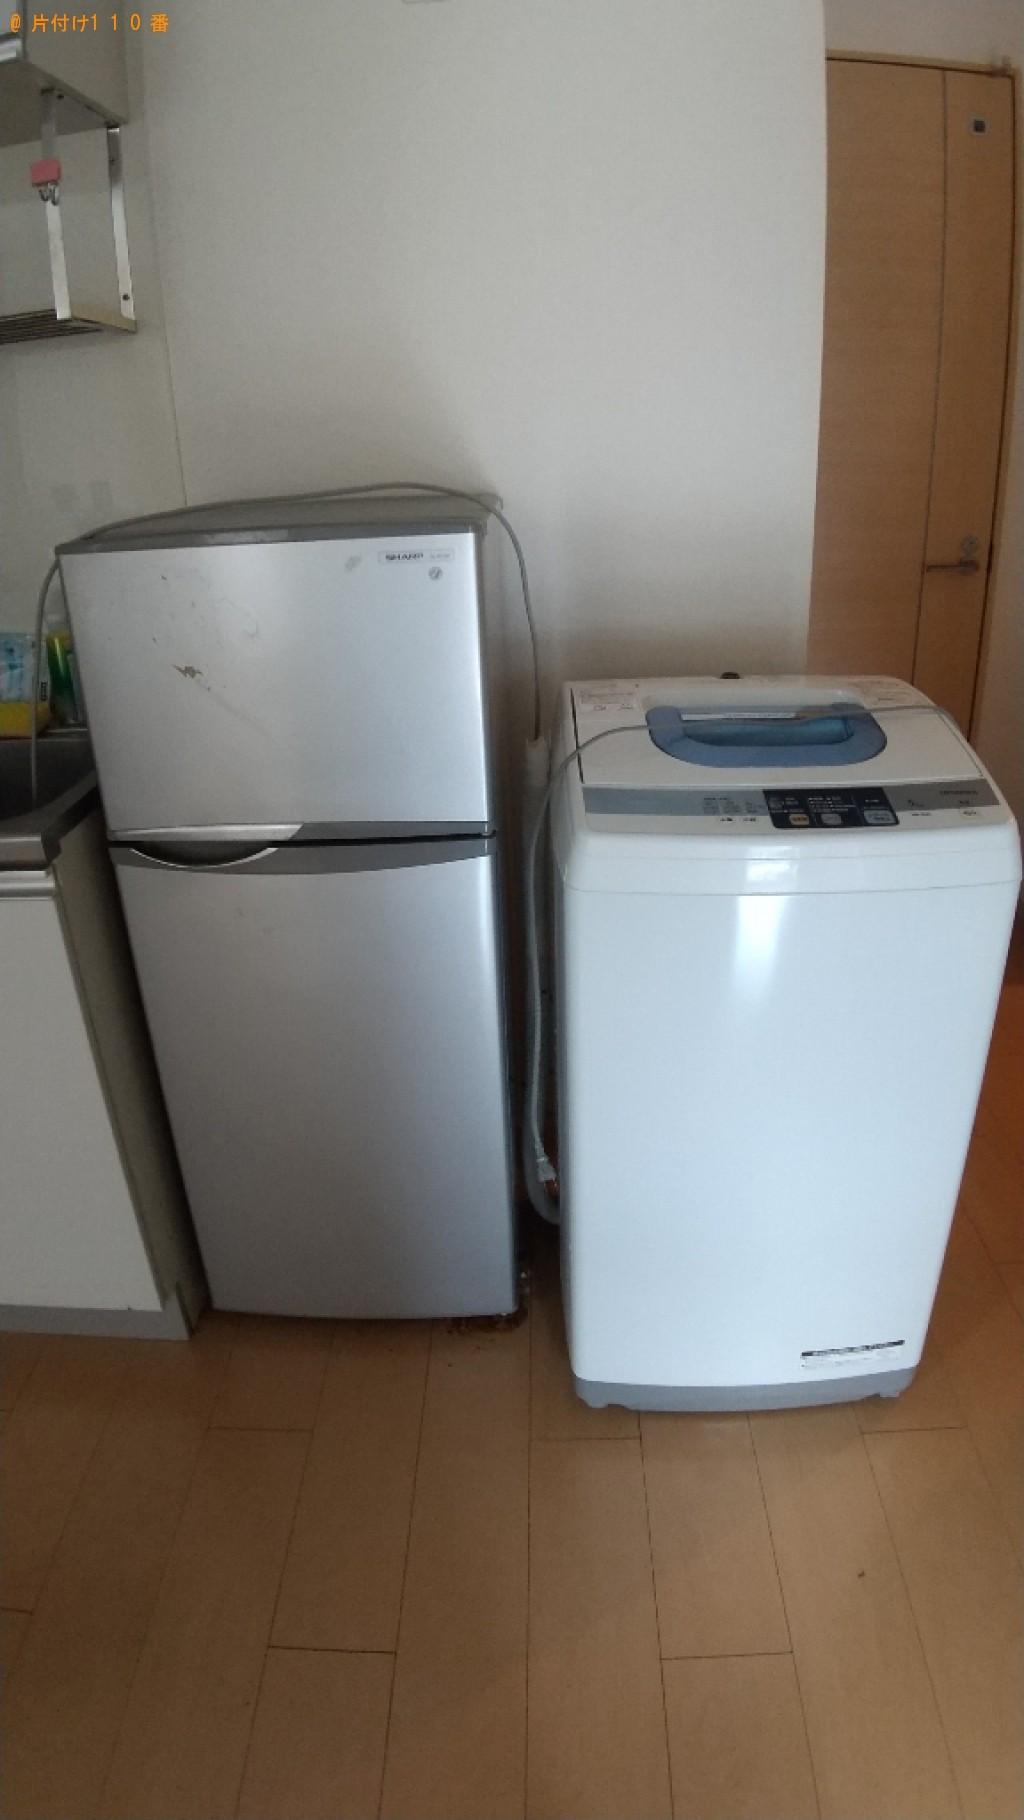 【松江市】冷蔵庫、洗濯機の回収・処分ご依頼 お客様の声